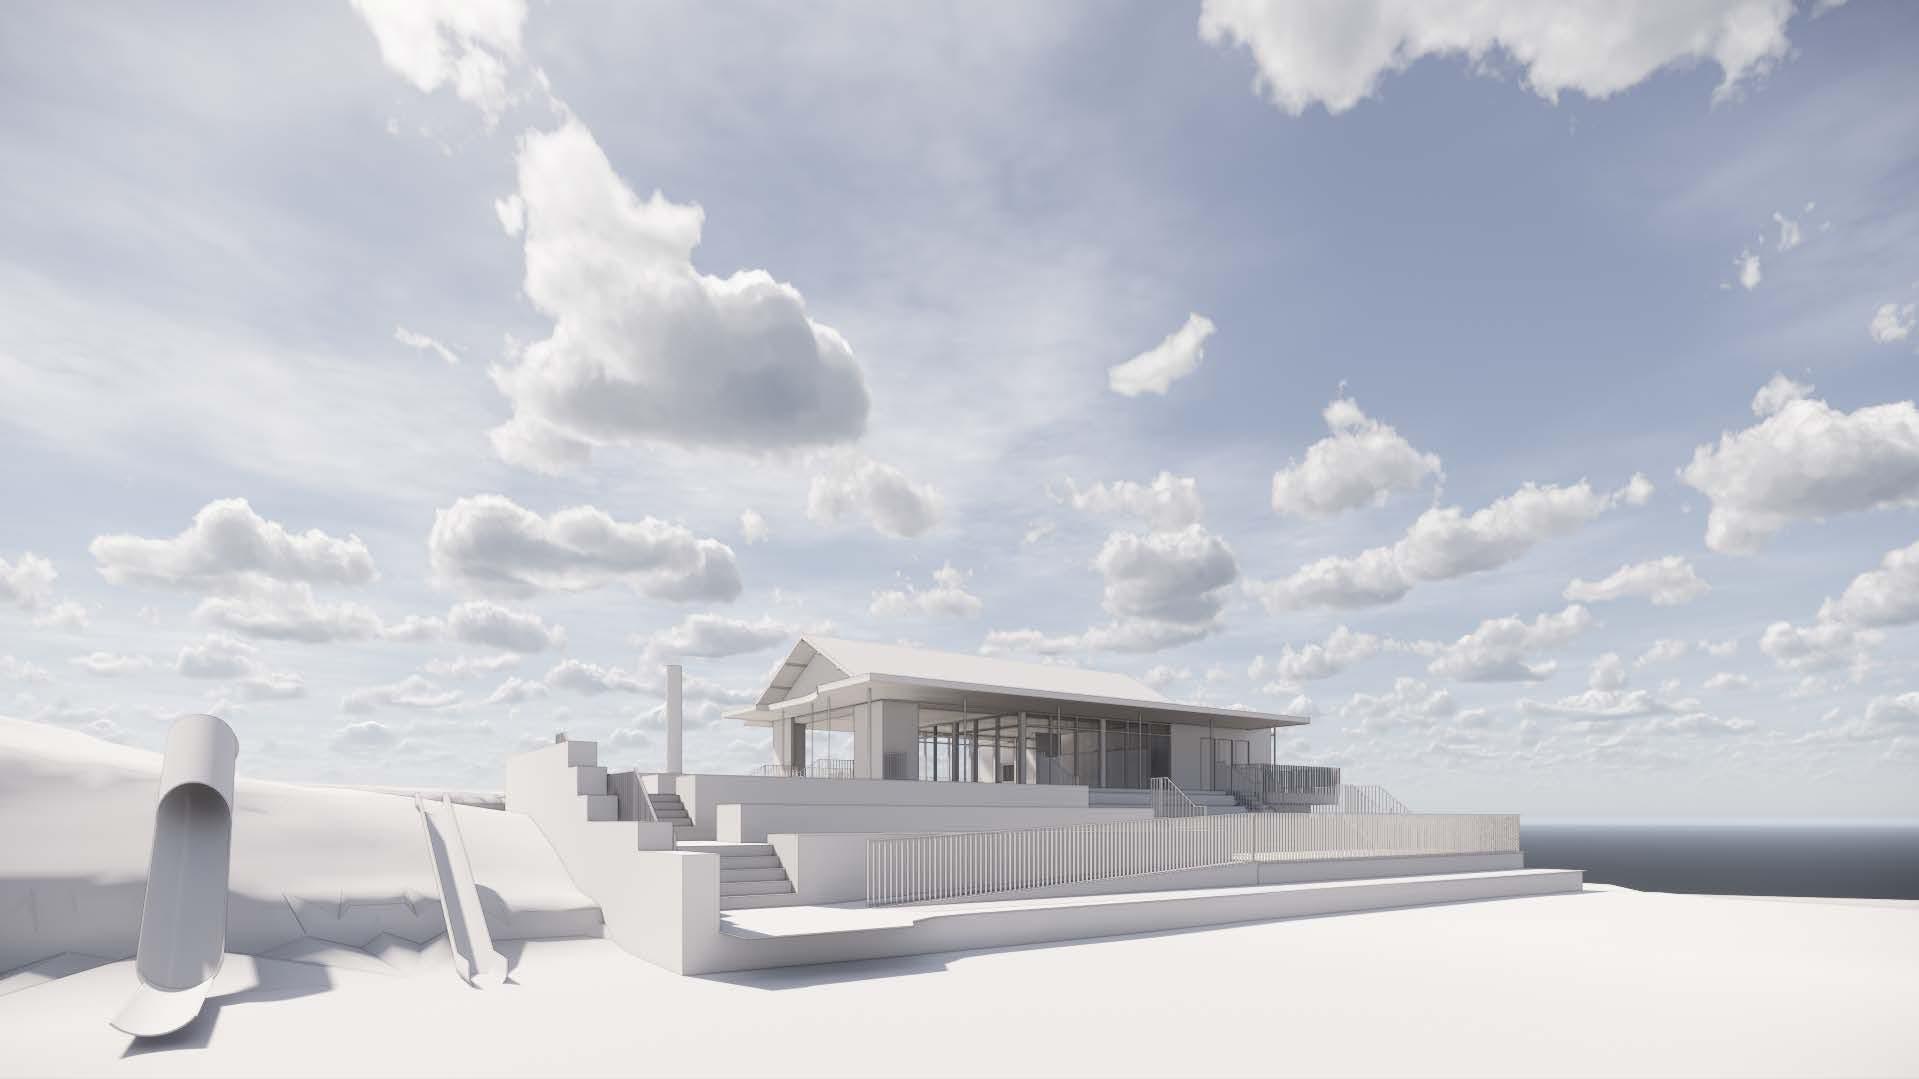 WCC_Artarmon Pavilion_3D View_Page_1.jpg